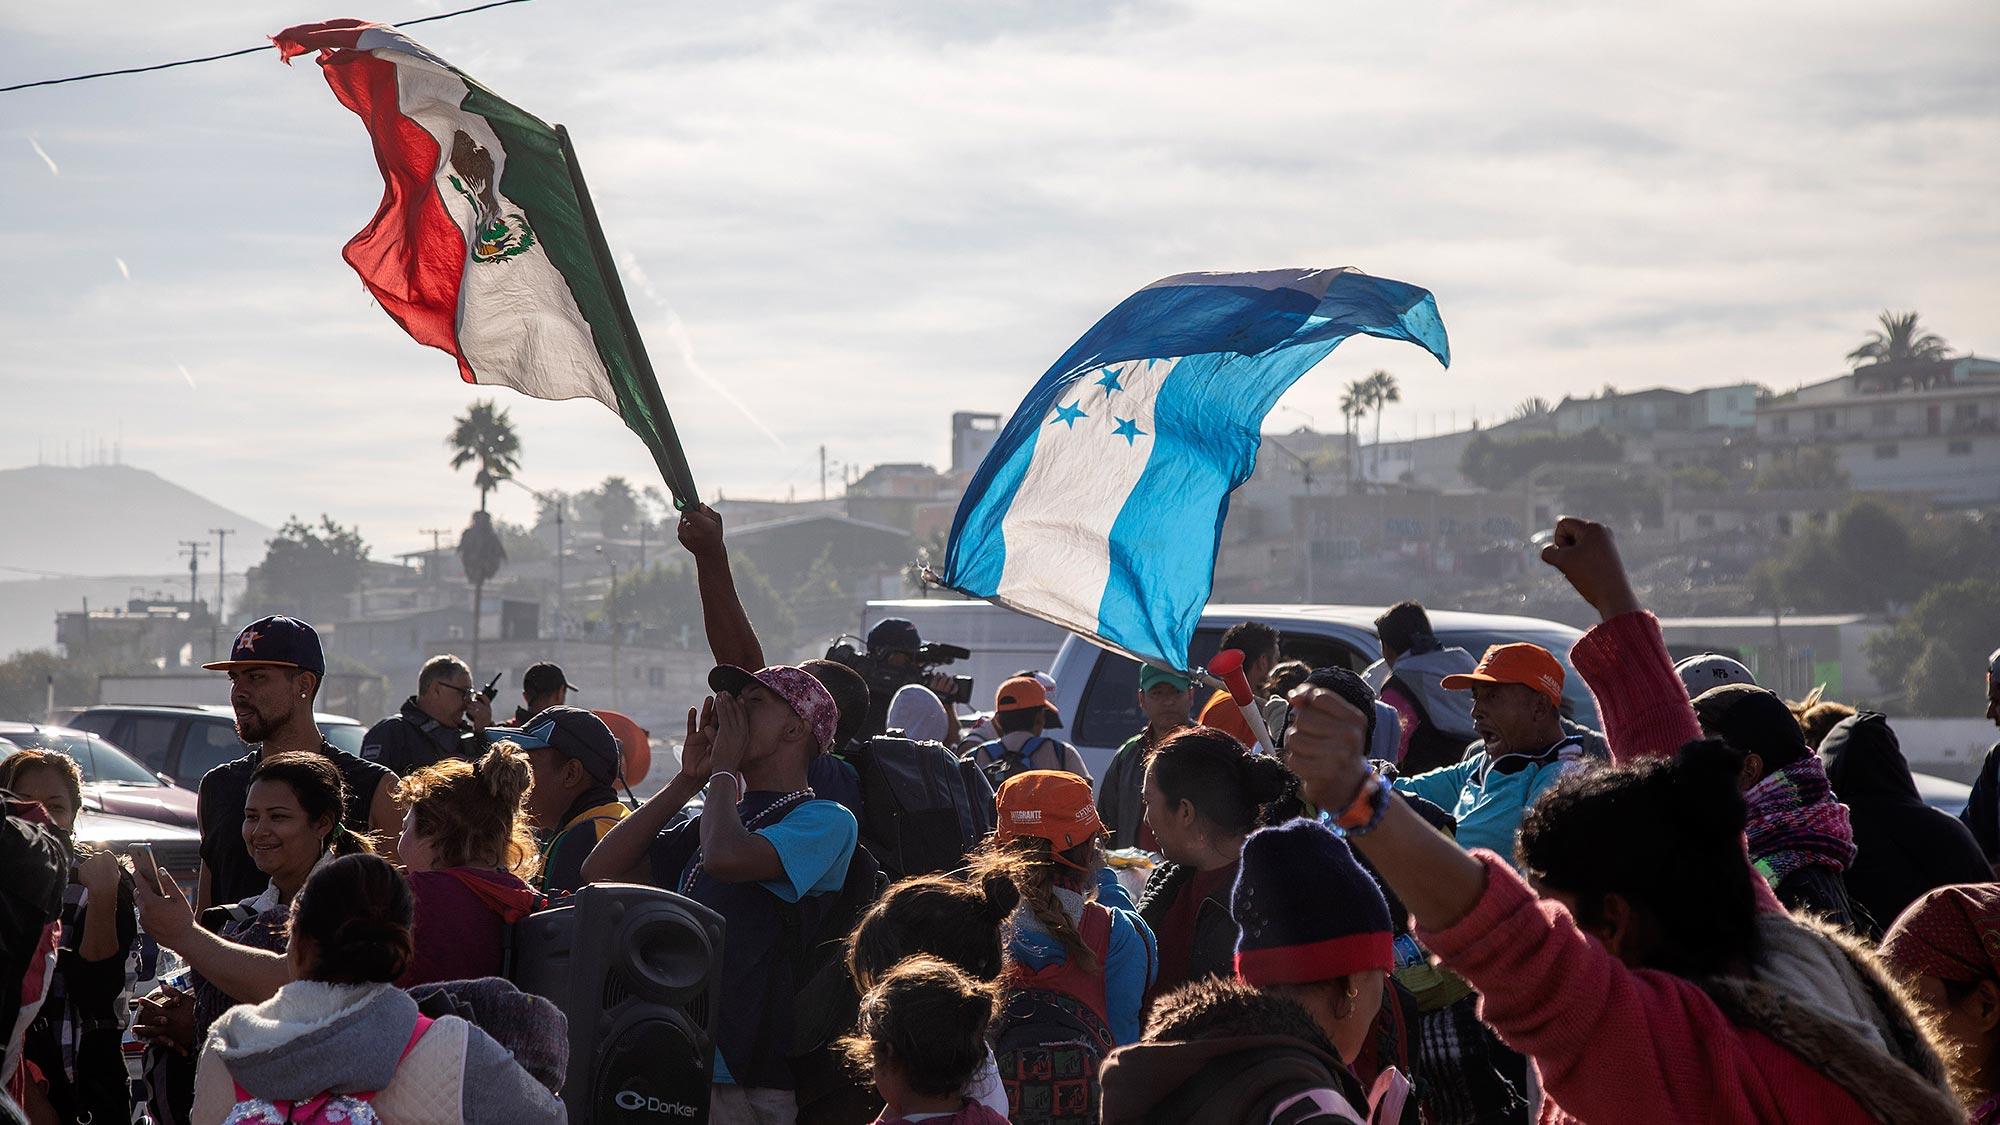 Caravana migrante podría sumar ya más de 5,000 personas